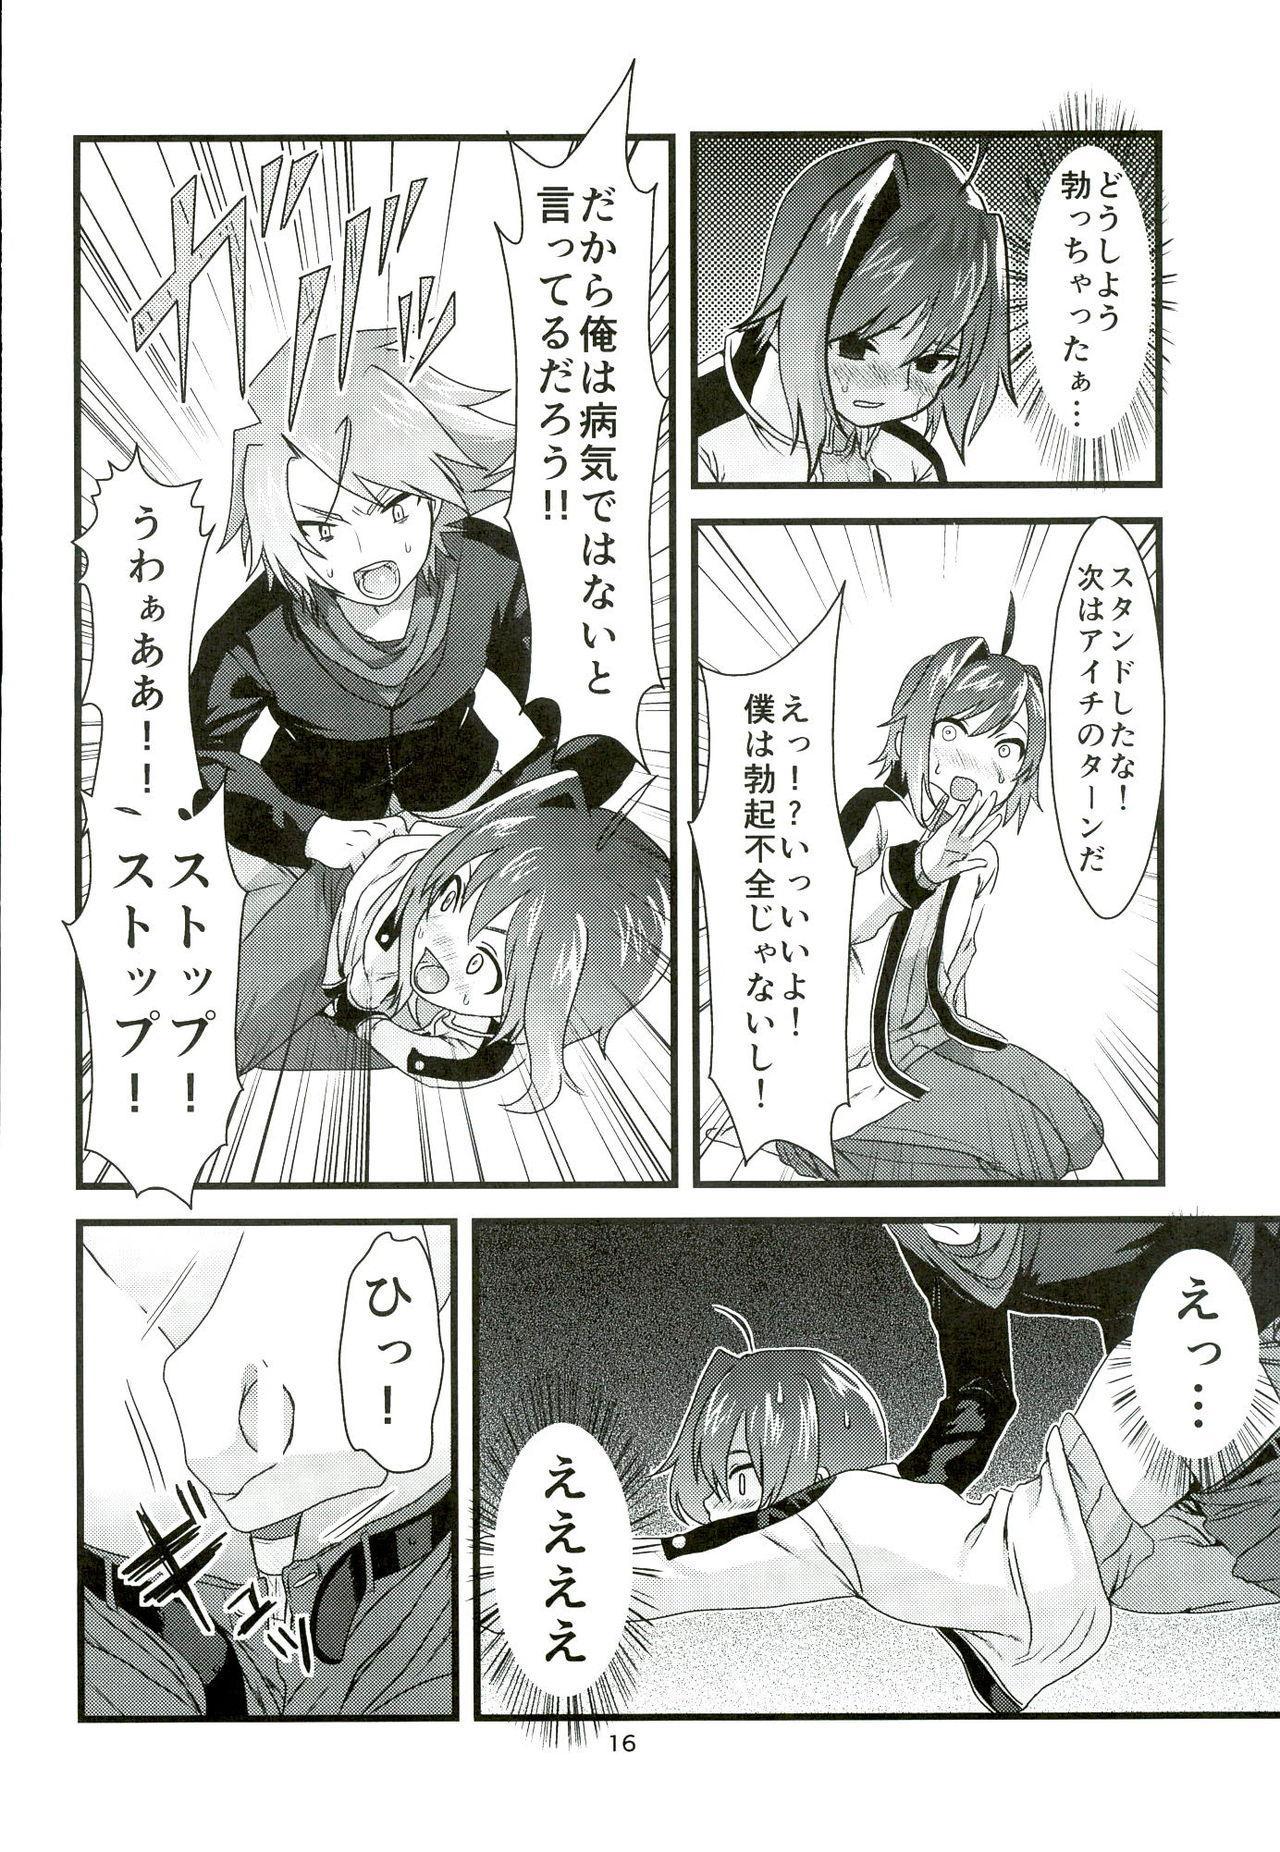 Kai-kun no Bunshin wa Fight de Shika Stand Shinai 15